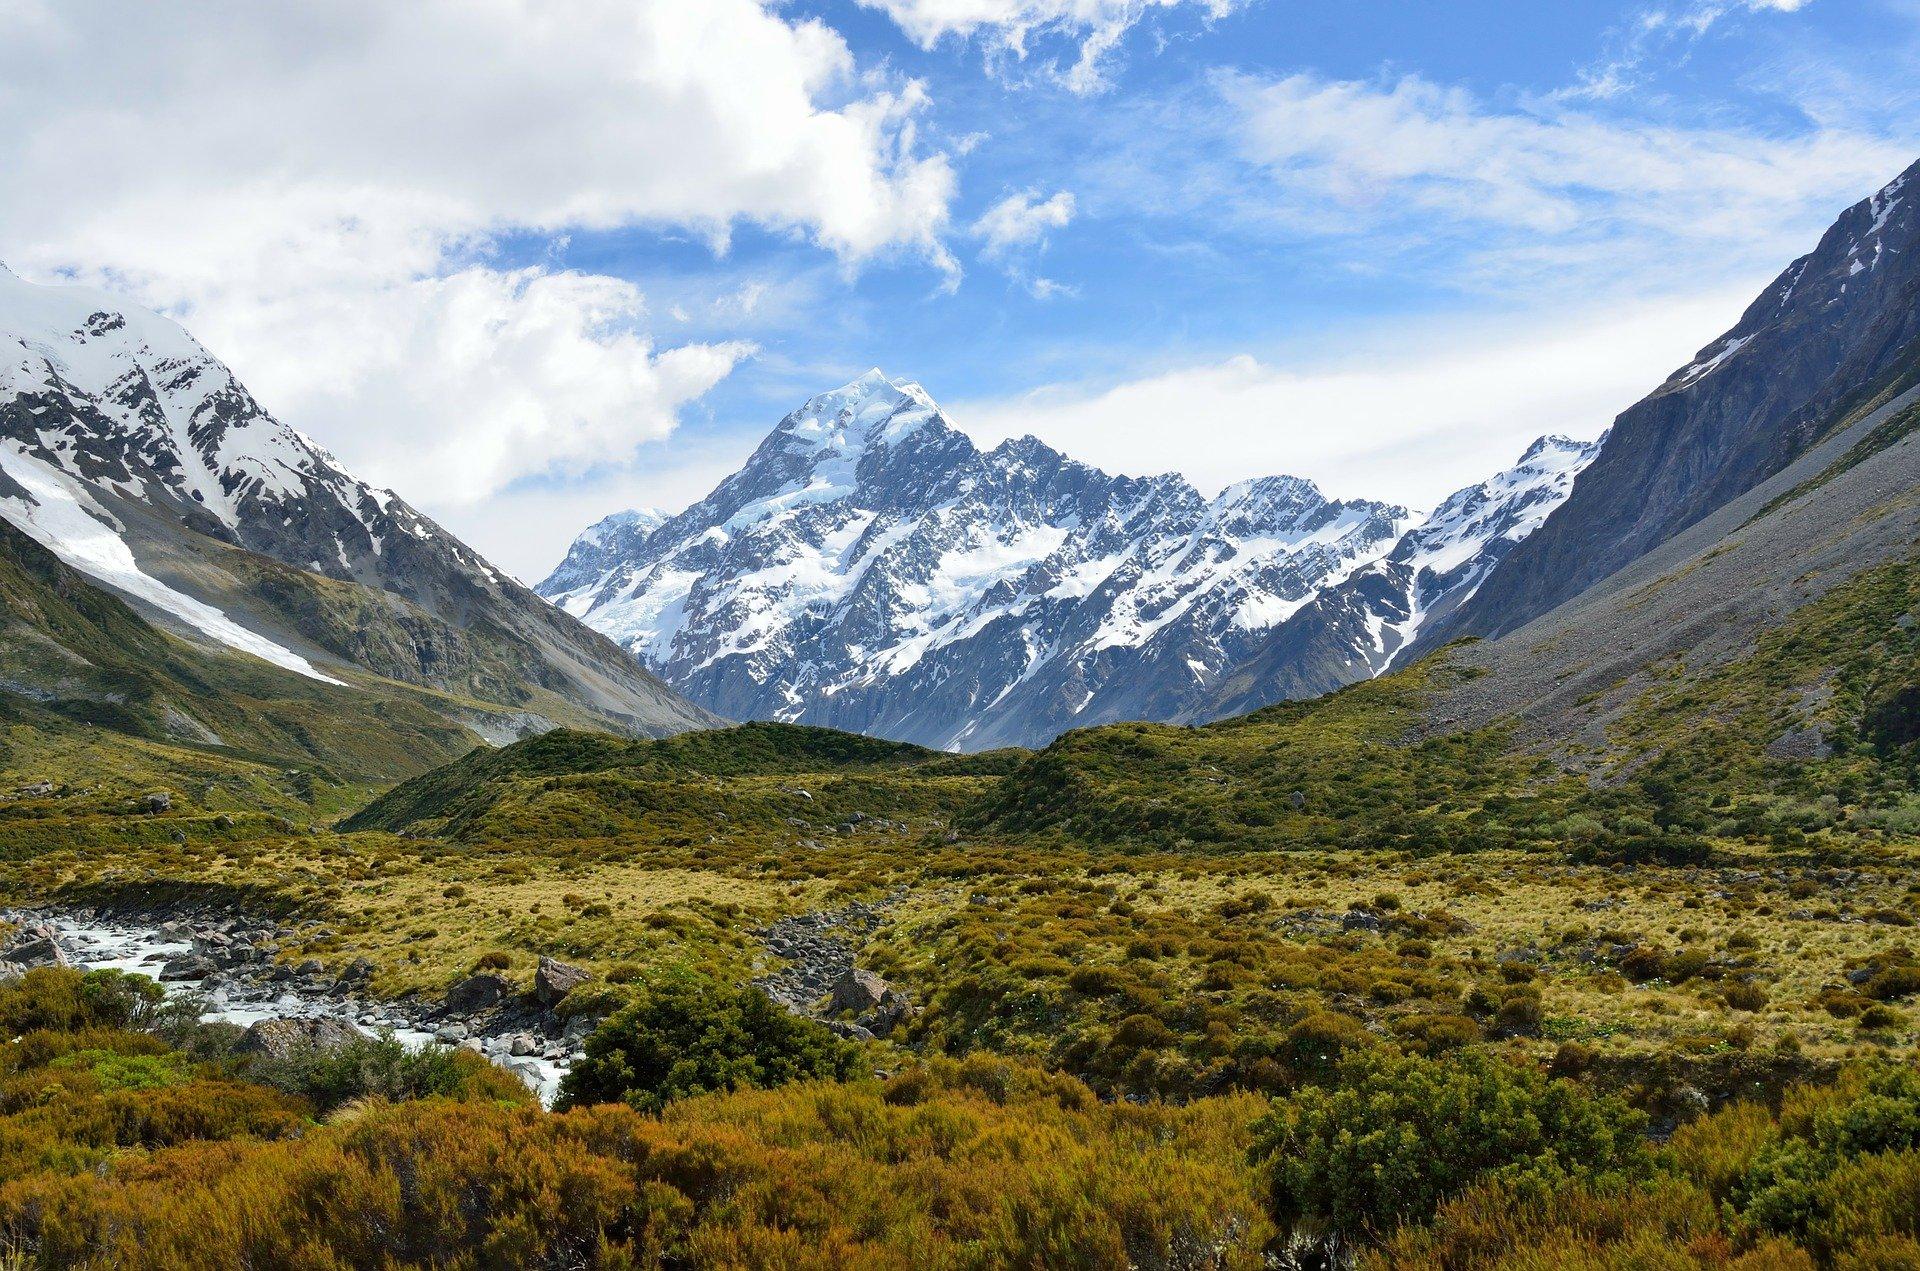 טיול מאורגן לניו זילנד, עצירה באיחוד האמירויות     21 יום